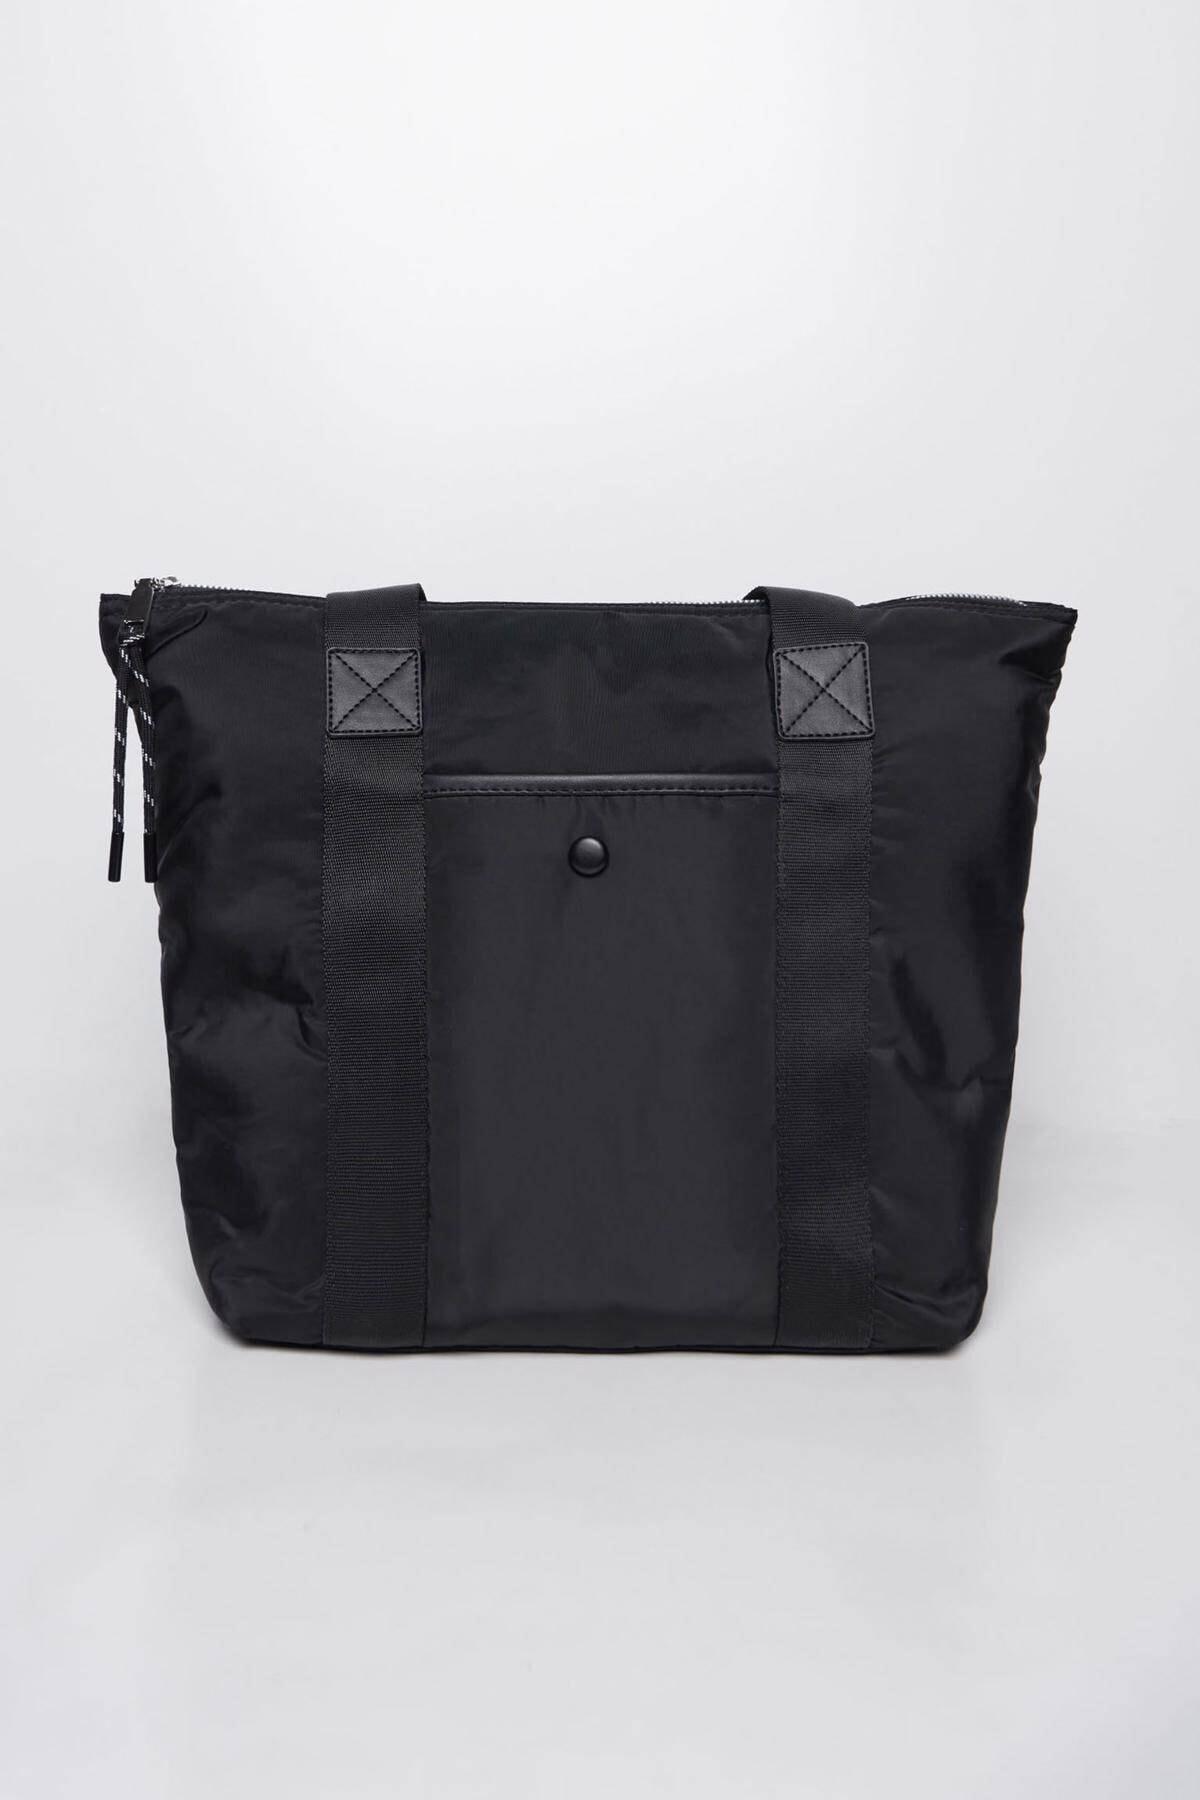 Addax Kadın Siyah Çanta Ç3258 - F11 Adx-0000023847 1